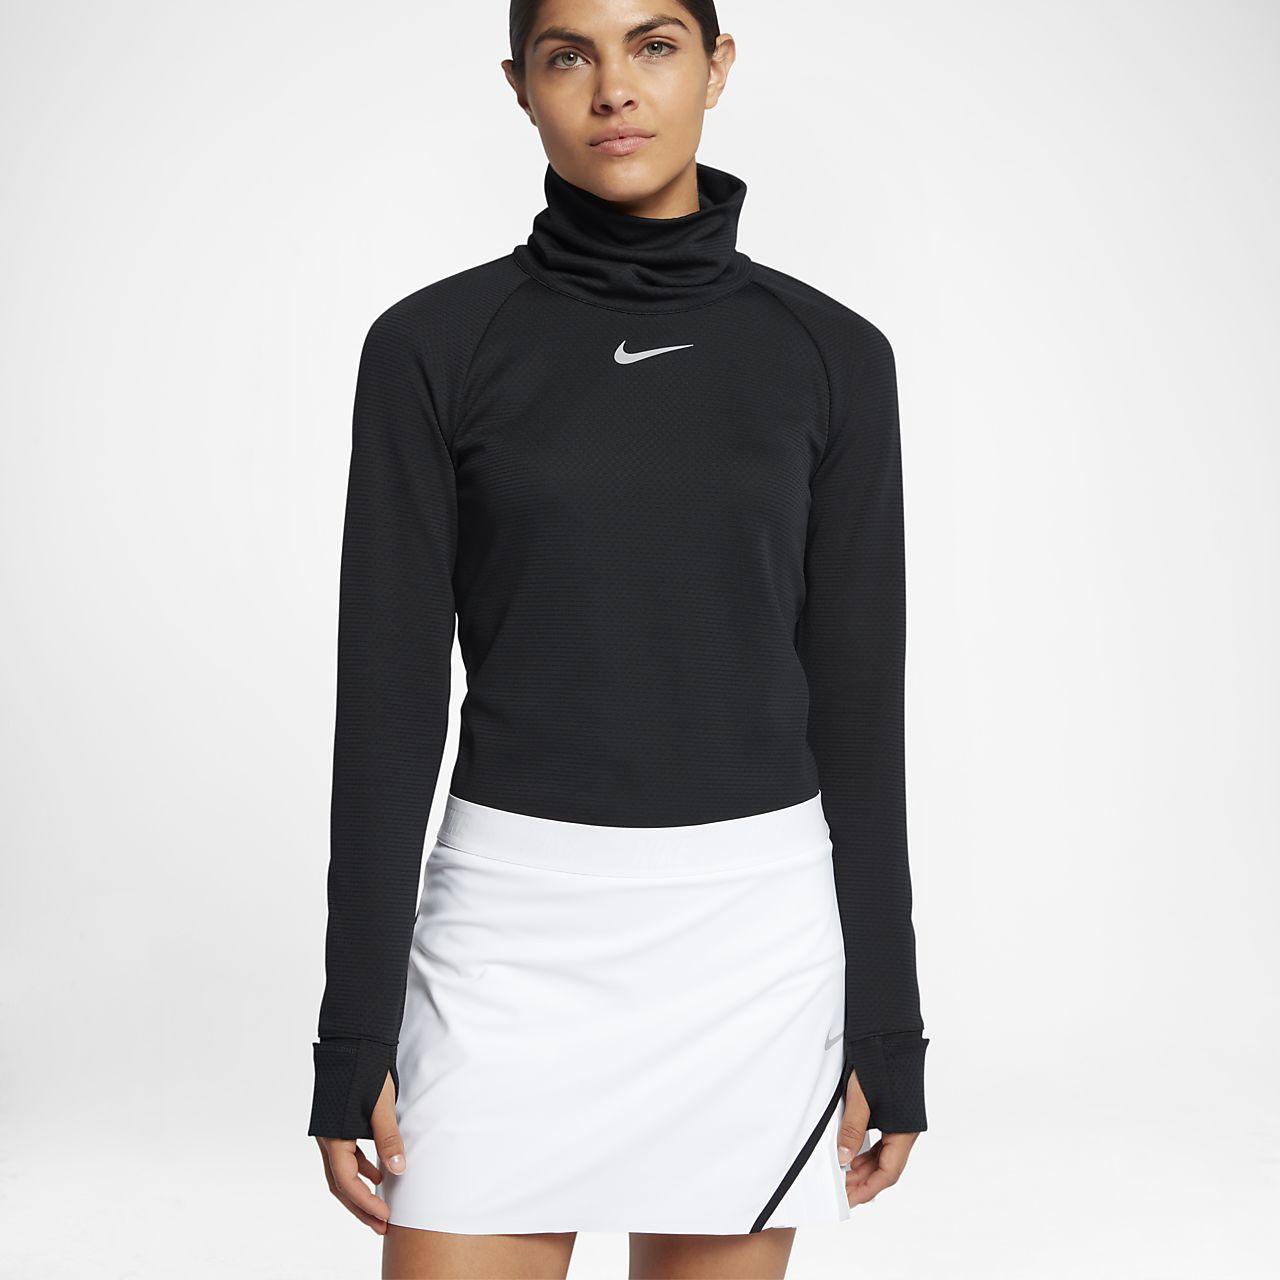 Женская футболка для гольфа с длинным рукавом Nike AeroReact Warm